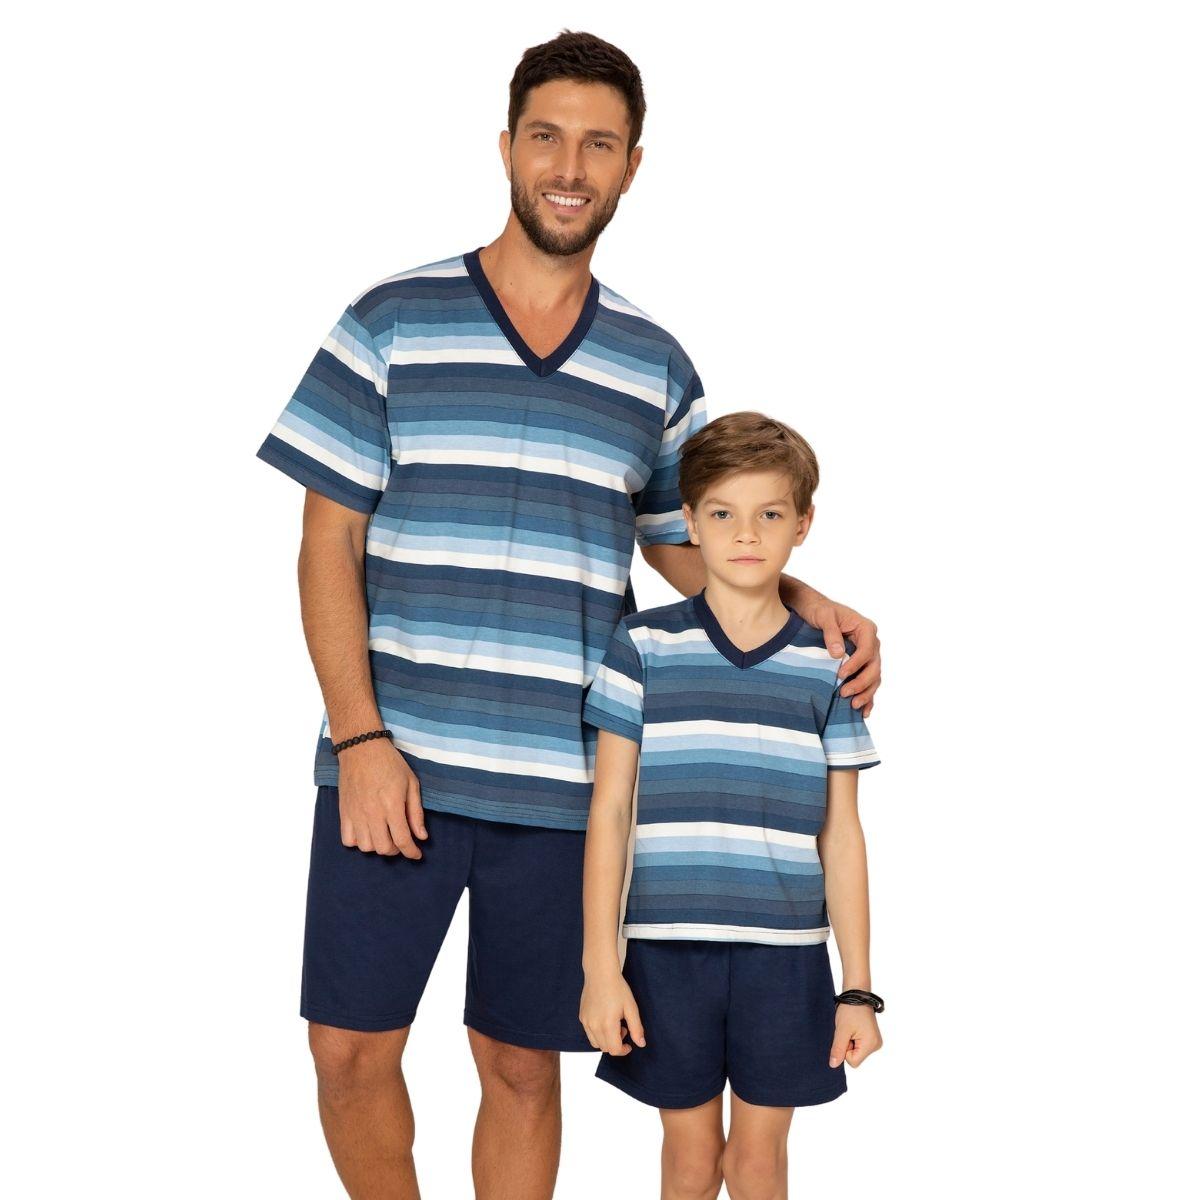 Pijama infantil menino filho manga curta listrado de calor